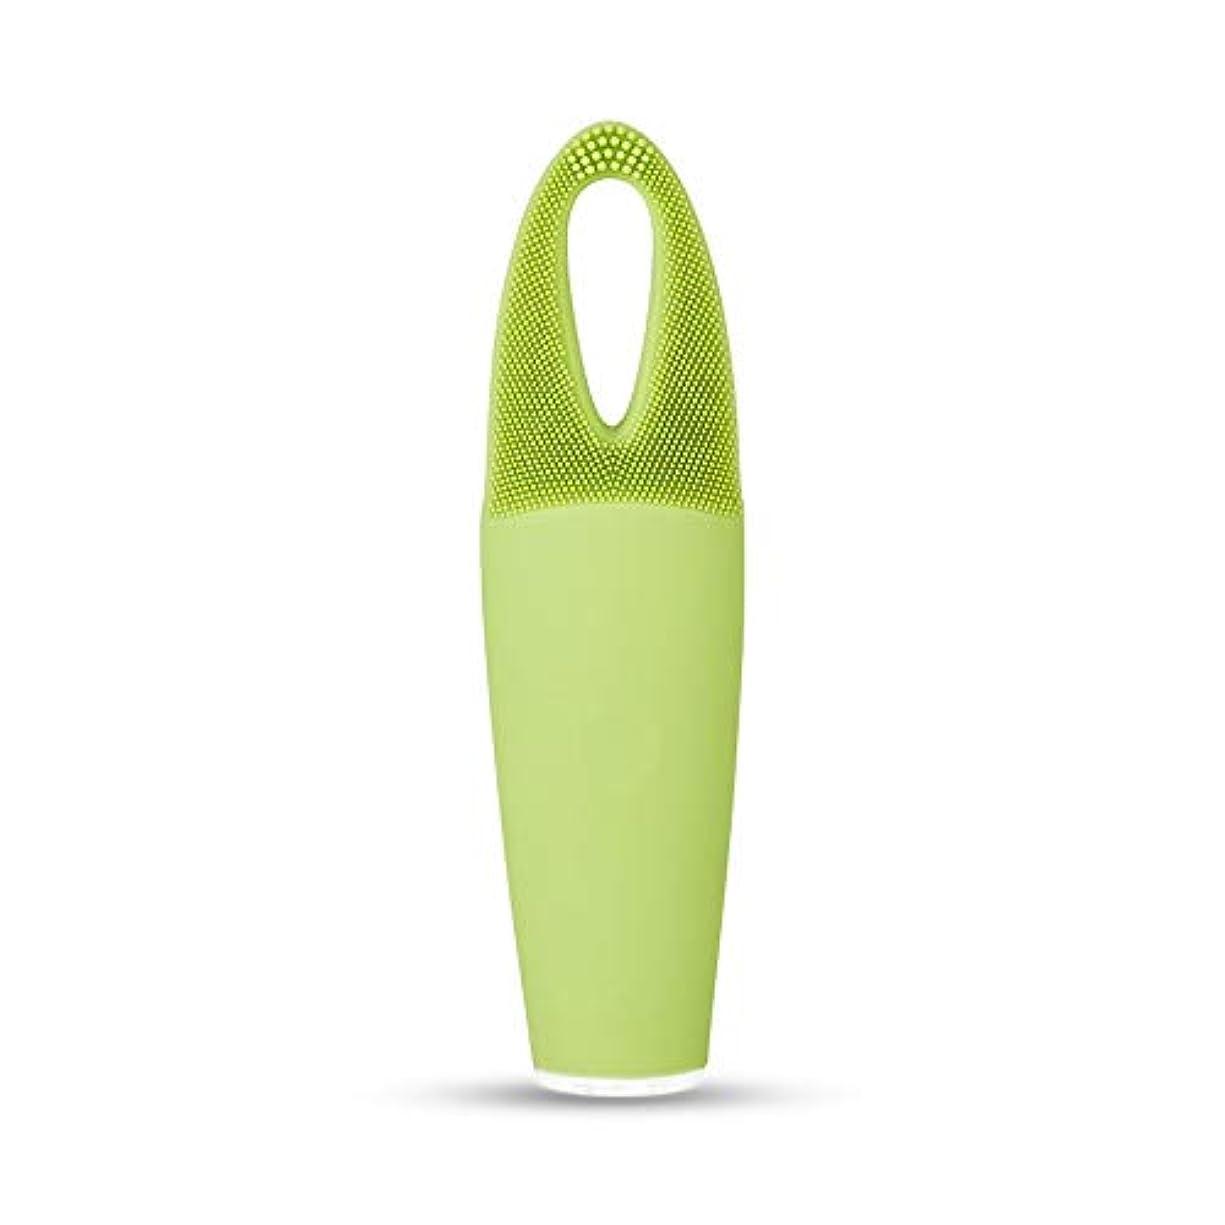 セイはさておき鹿実質的にZXF 電気防水両面クレンジングブラシ超音波振動シリコーンクレンジング楽器敏感な筋肉洗浄器具美容器具マッサージ器具 滑らかである